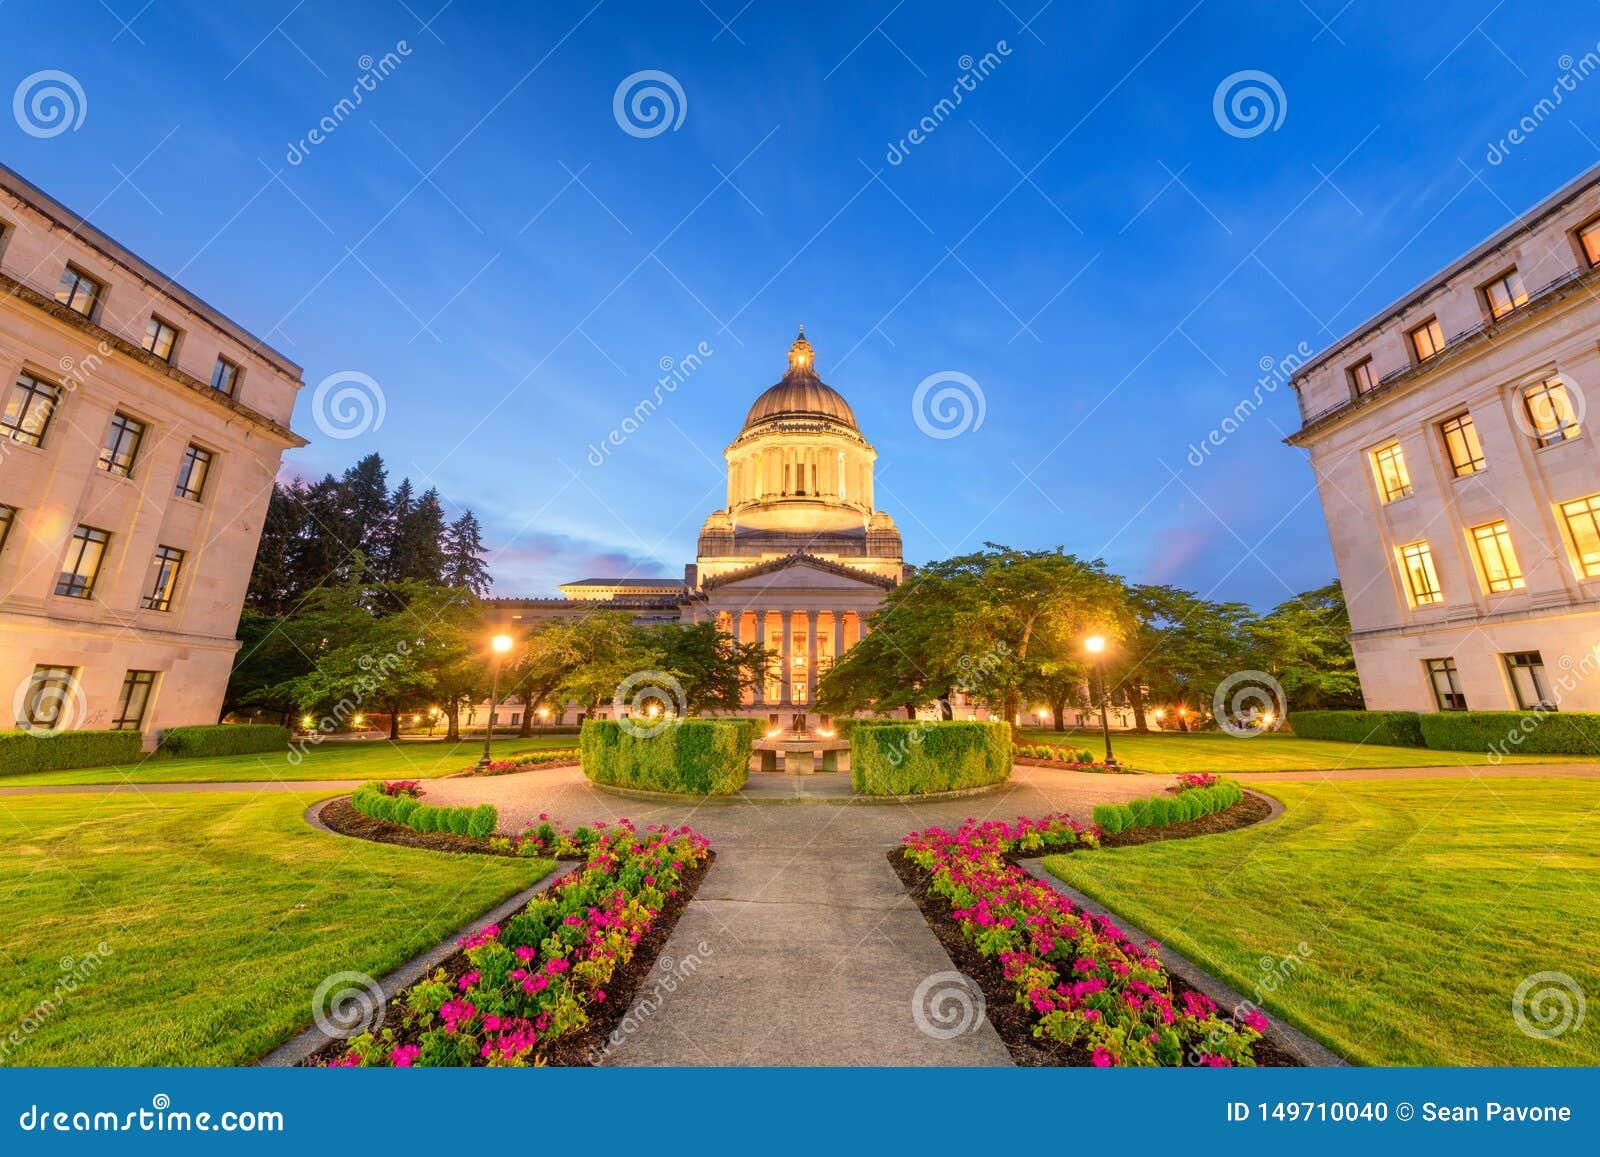 Олимпия, Вашингтон, США заявляет здание капитолия